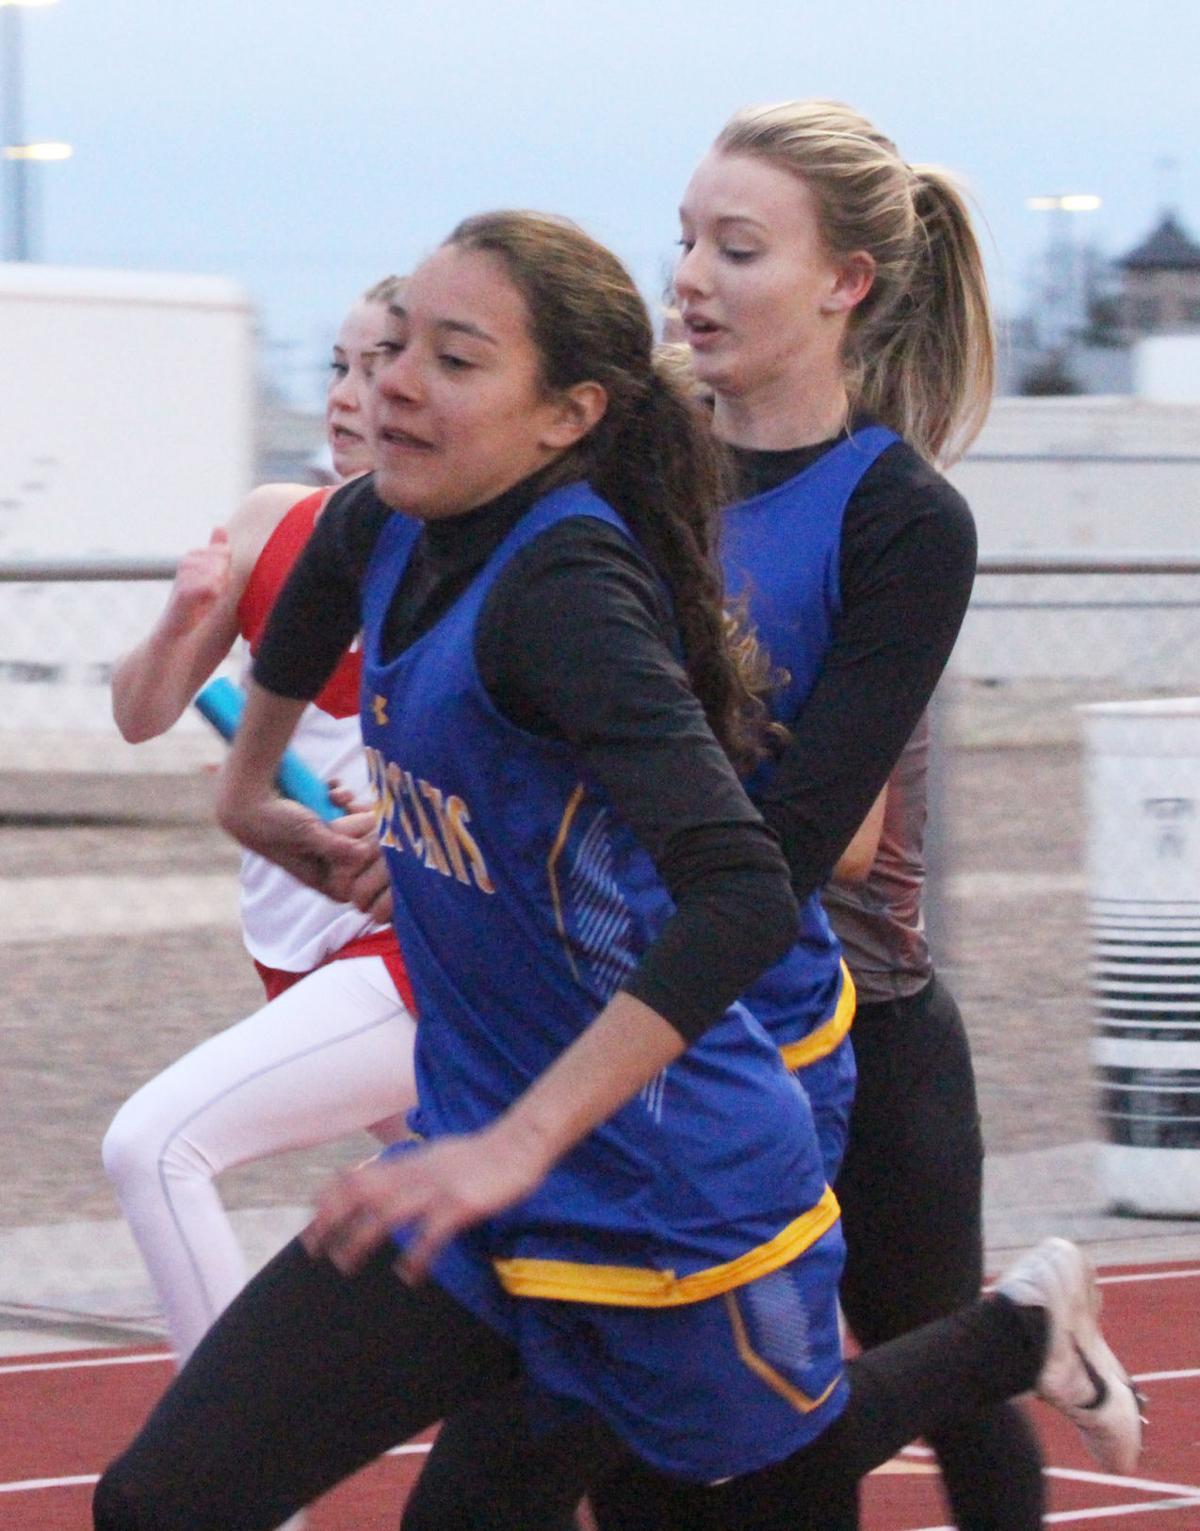 sprint relay kaitlyn hernandez olivia grasse.jpg